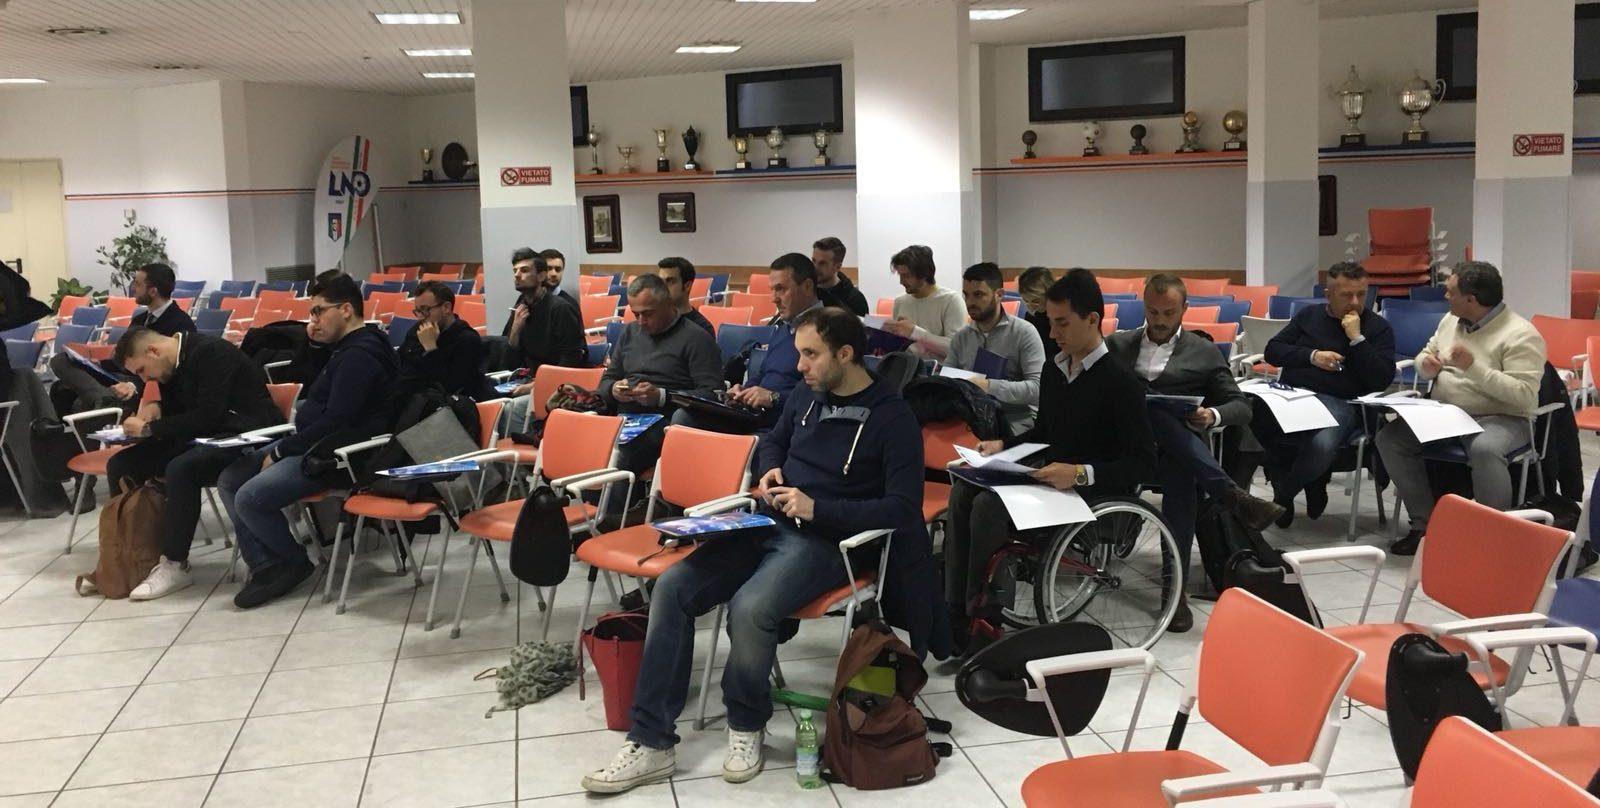 Iniziato A Milano Il Corso Per Collaboratori Della Gestione Sportiva